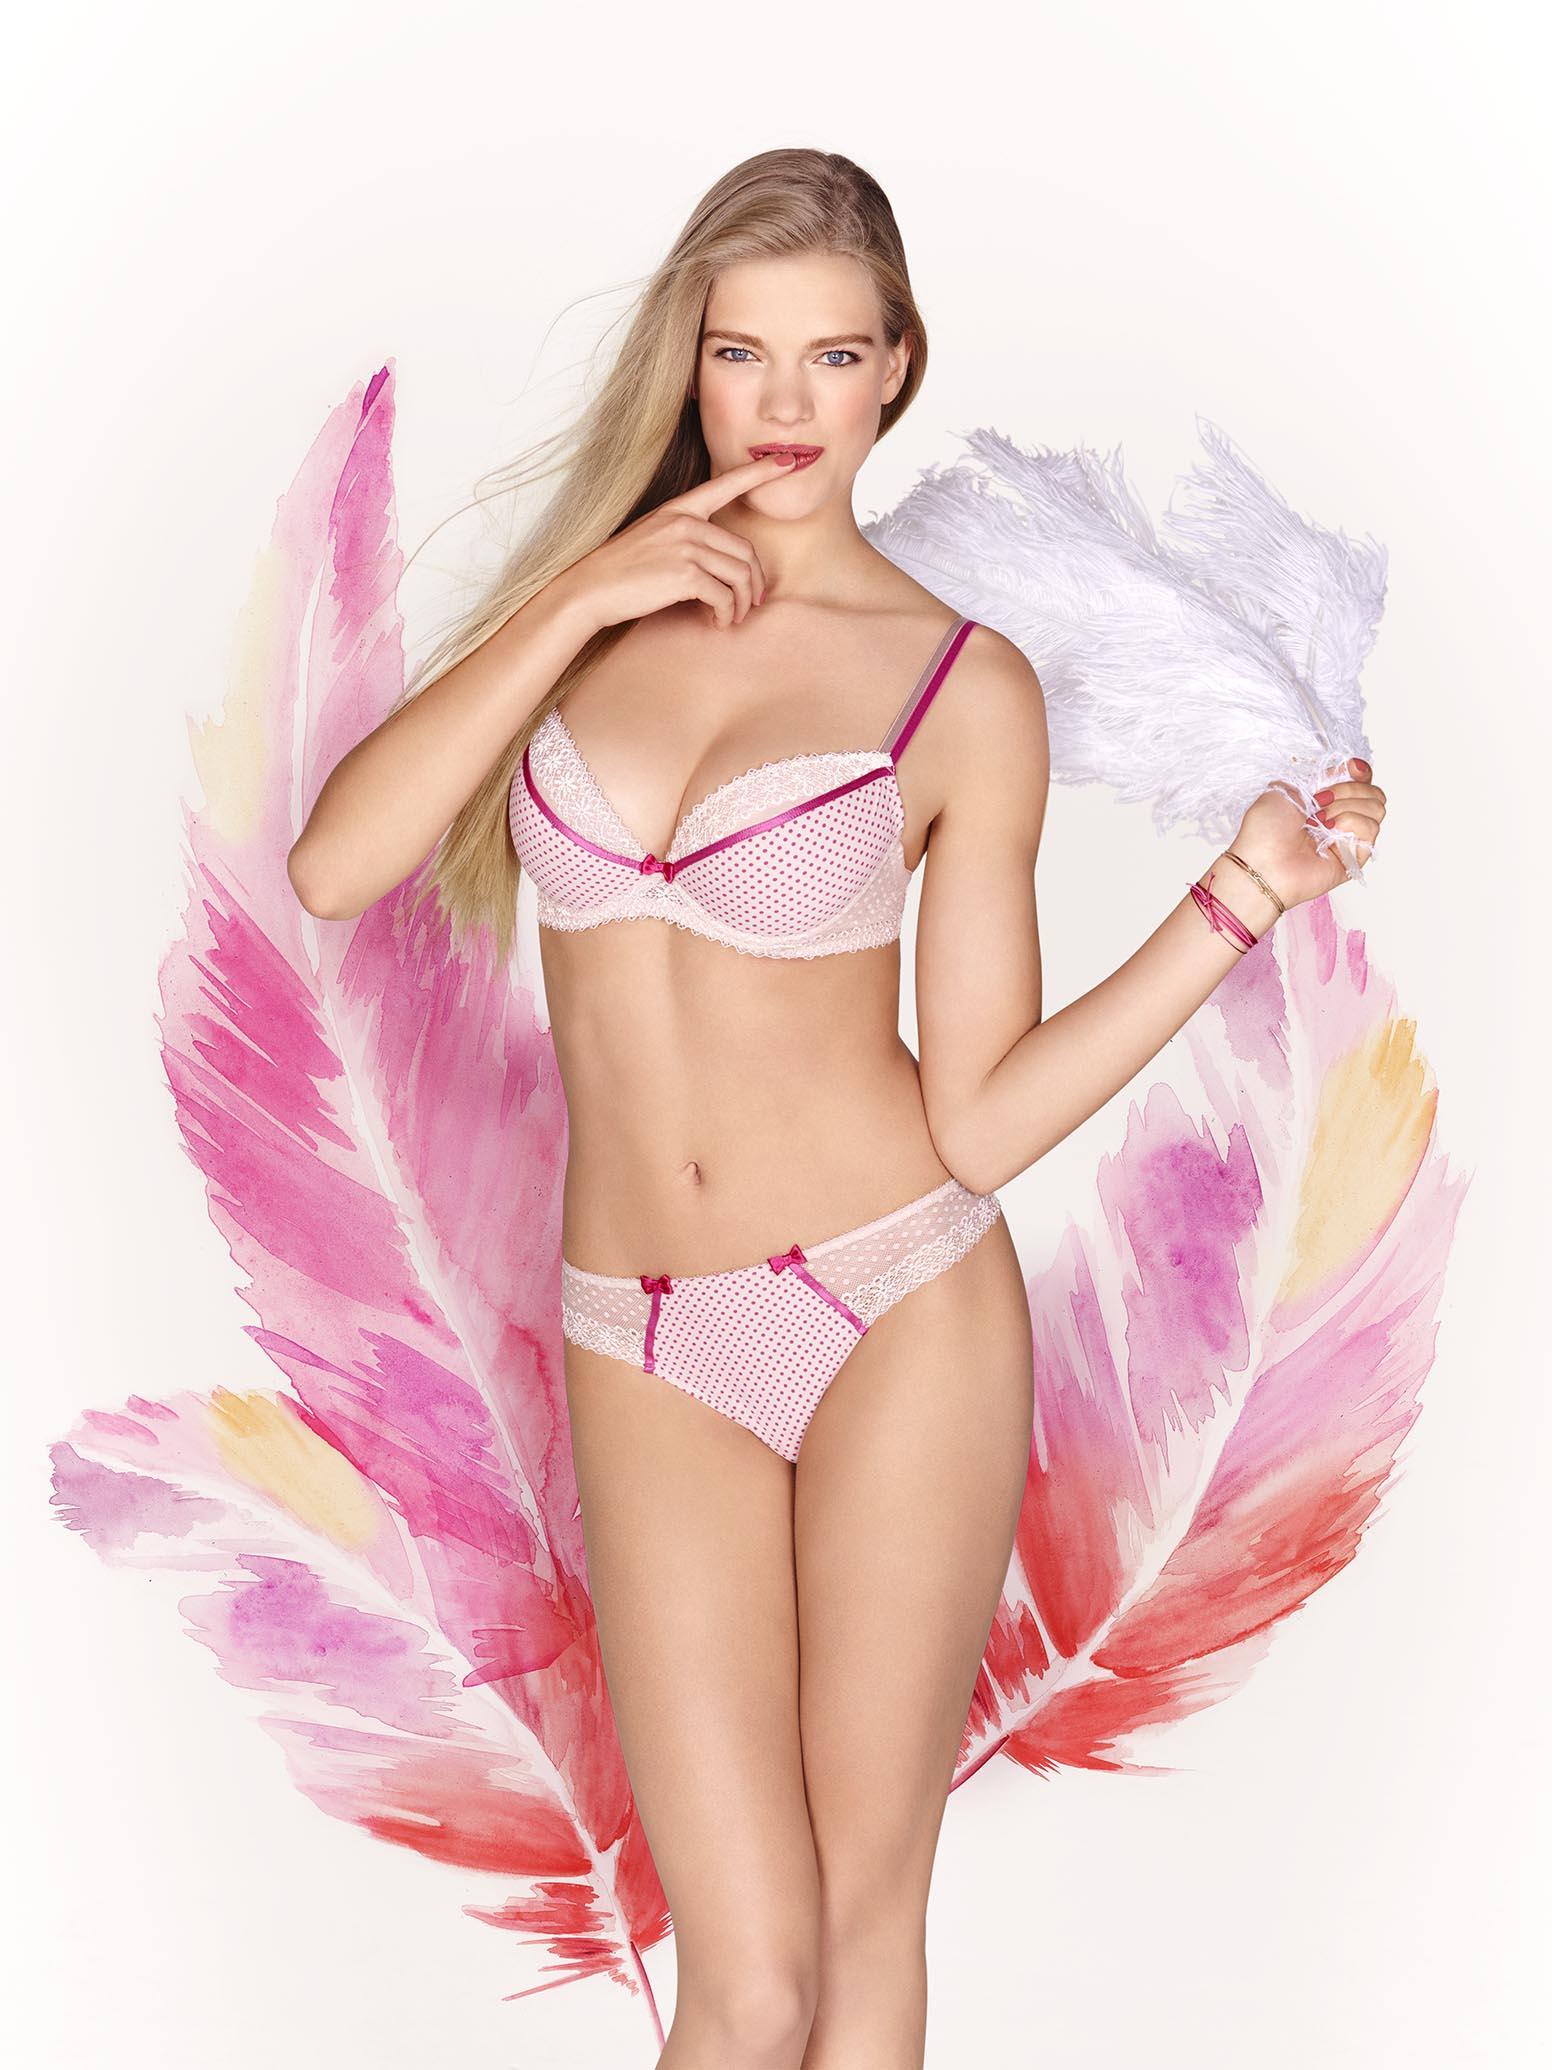 tendances lingerie : le pastel et l'imprimé géométrique